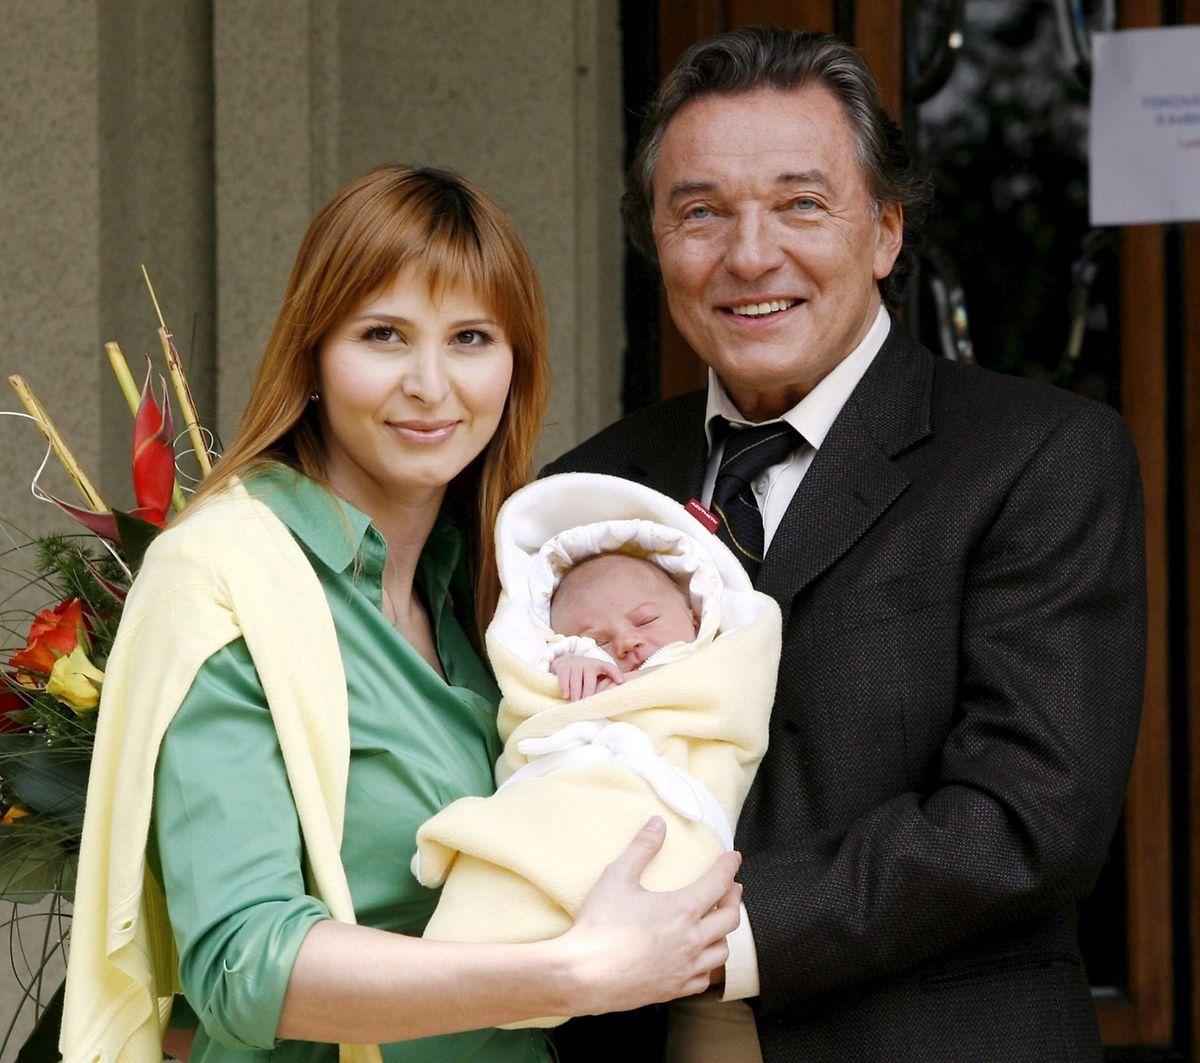 2006: Der tschechische Sänger Karel Gott und seine Lebensgefährtin Ivana Machackova stellen ihre neugeborene Tochter Charlotte vor der Prager Klinik Podoli vor.